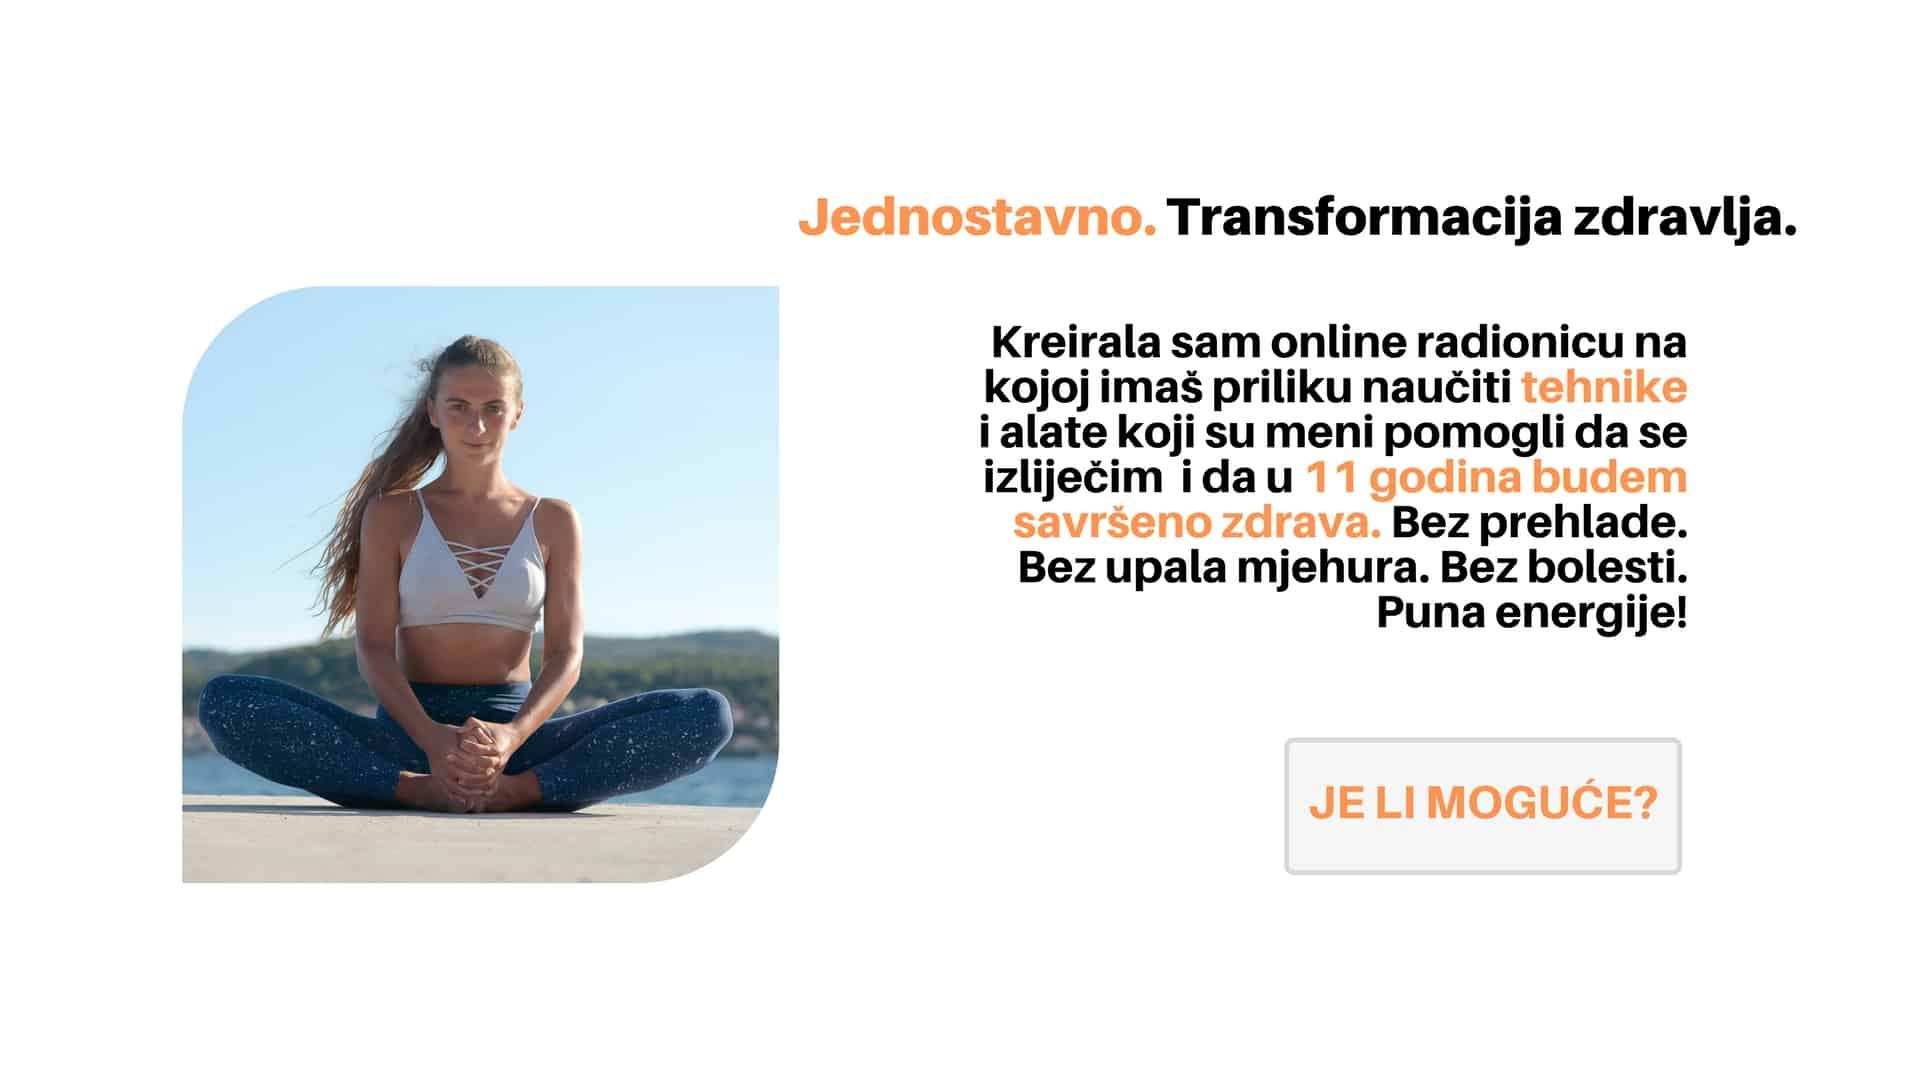 Petra Cutuk Vjeruj Traži Manifestiraj Zdravlje Meditacija Vježbe Disanja Samopouzdanje Posao Transformacija Zdravlja Radionica Energija Inspiracija Couching_1